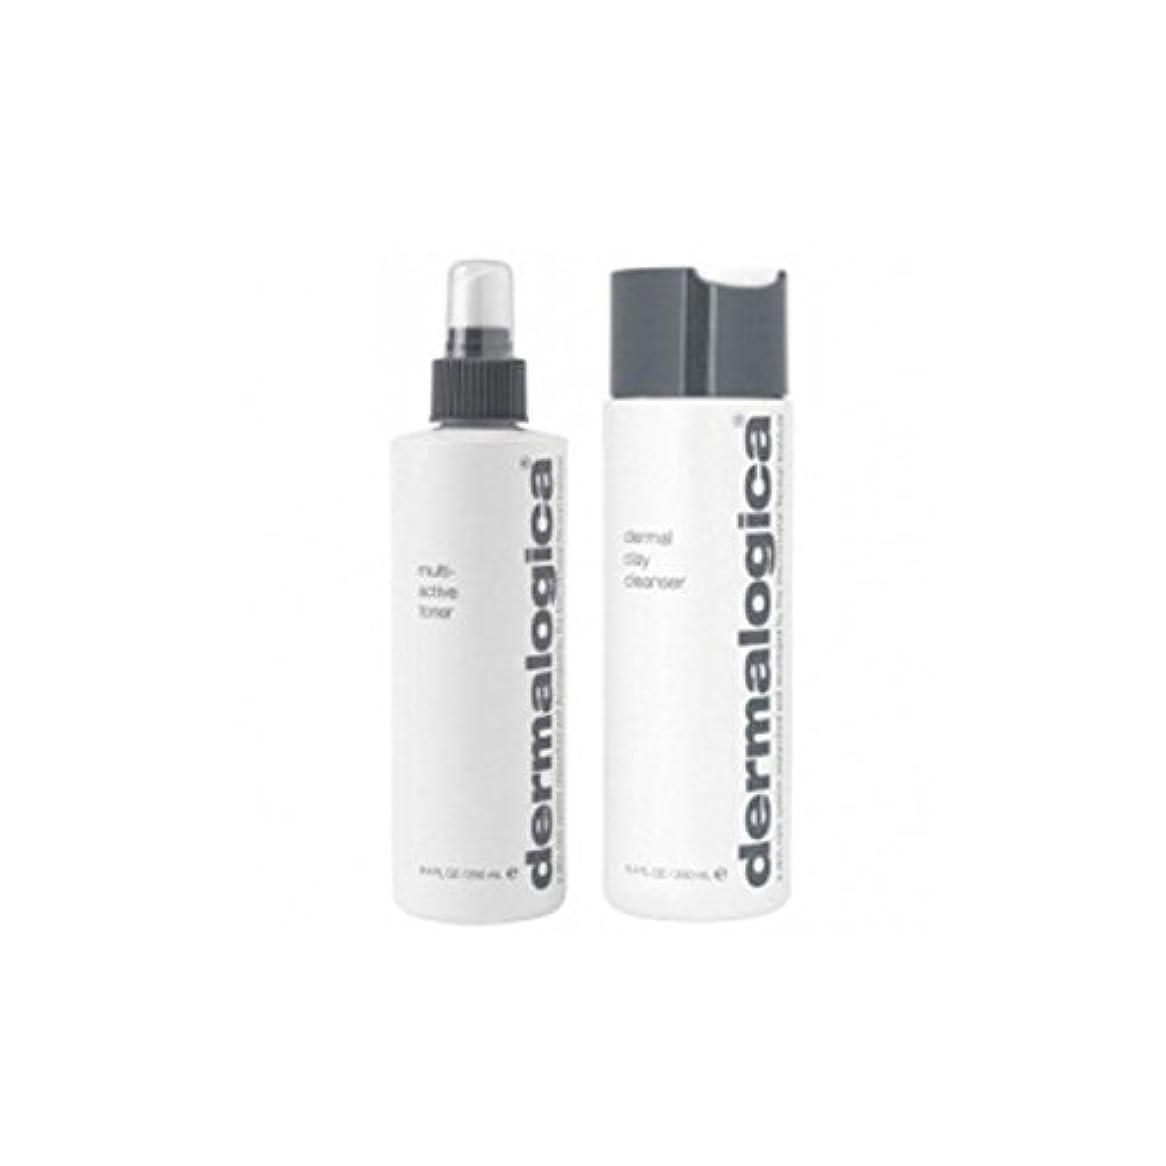 木曜日ホイットニー汚染されたダーマロジカクレンジング&トーンデュオ - 脂性肌(2製品) x2 - Dermalogica Cleanse & Tone Duo - Oily Skin (2 Products) (Pack of 2) [並行輸入品]